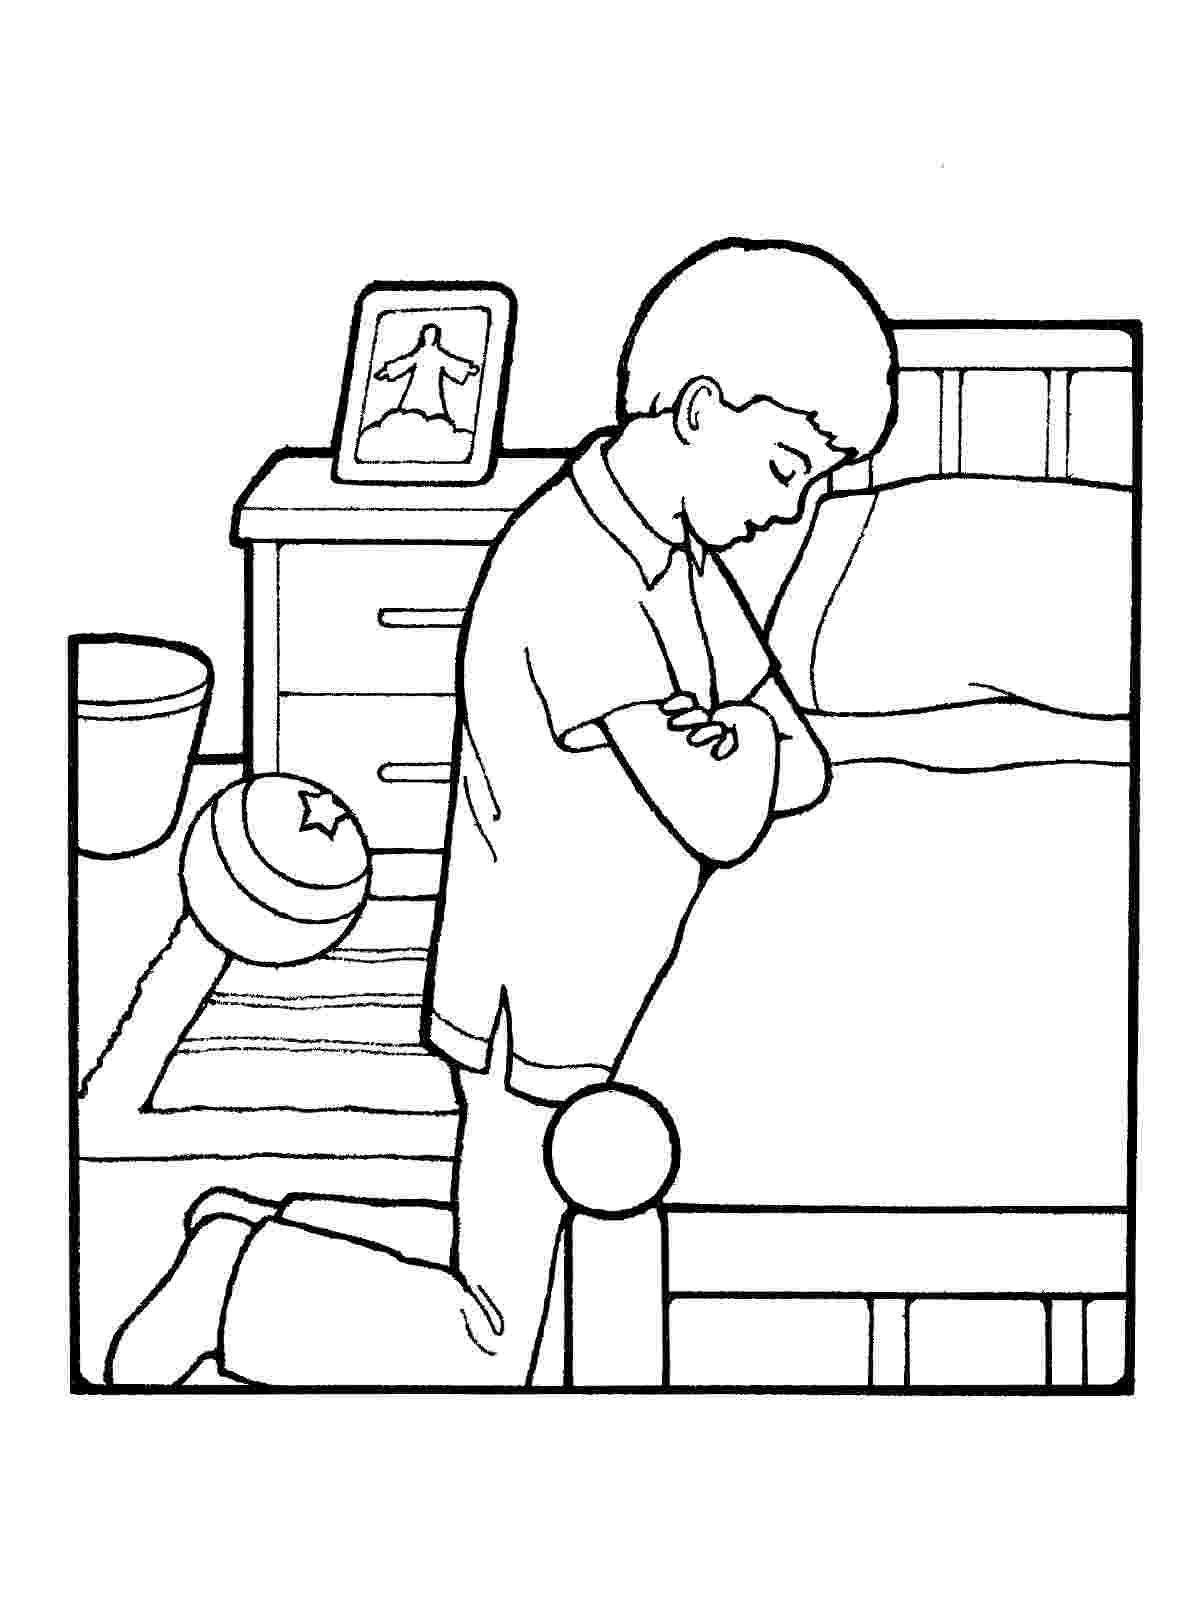 boy praying coloring page boy praying at bedside coloring page boy praying